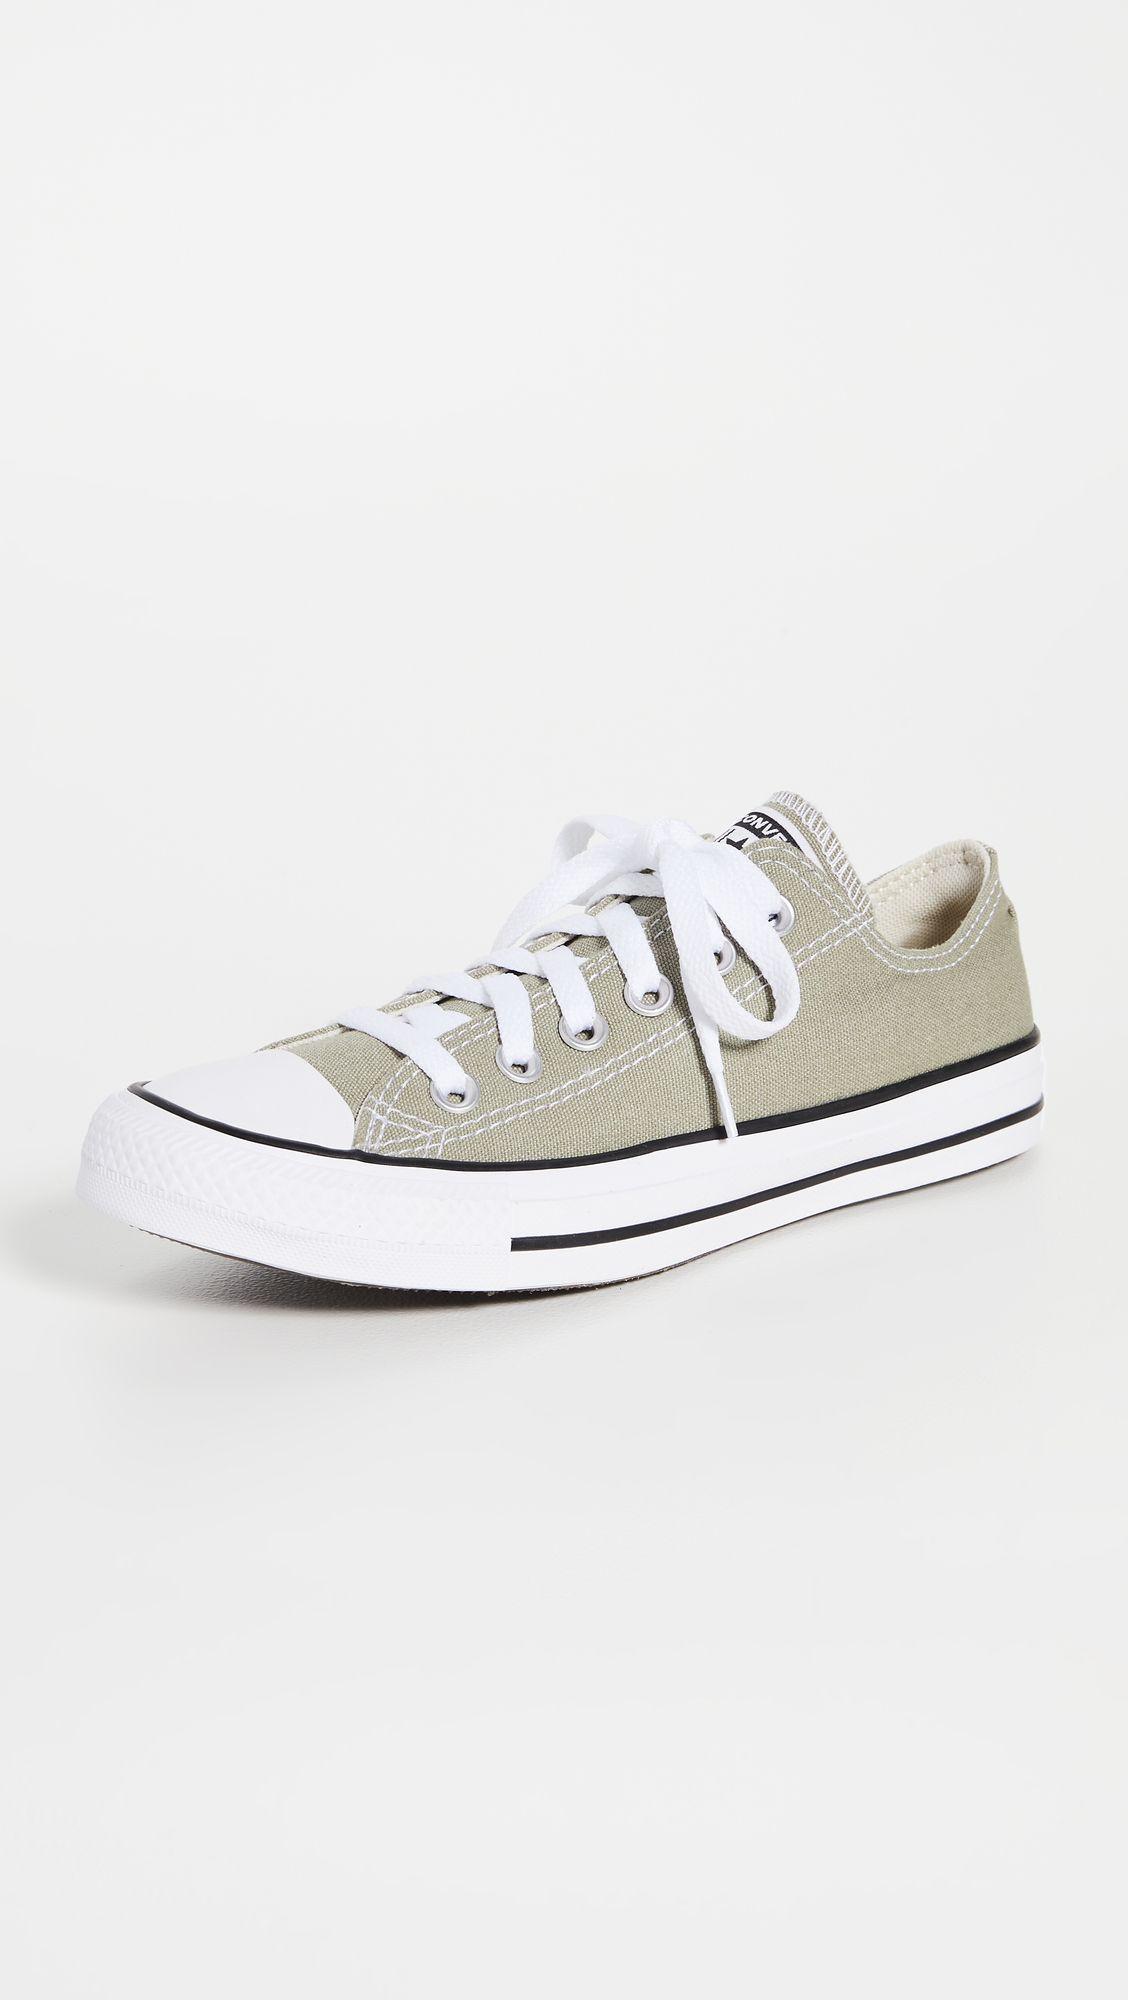 trendy sneaker brands 295033 1630367453534